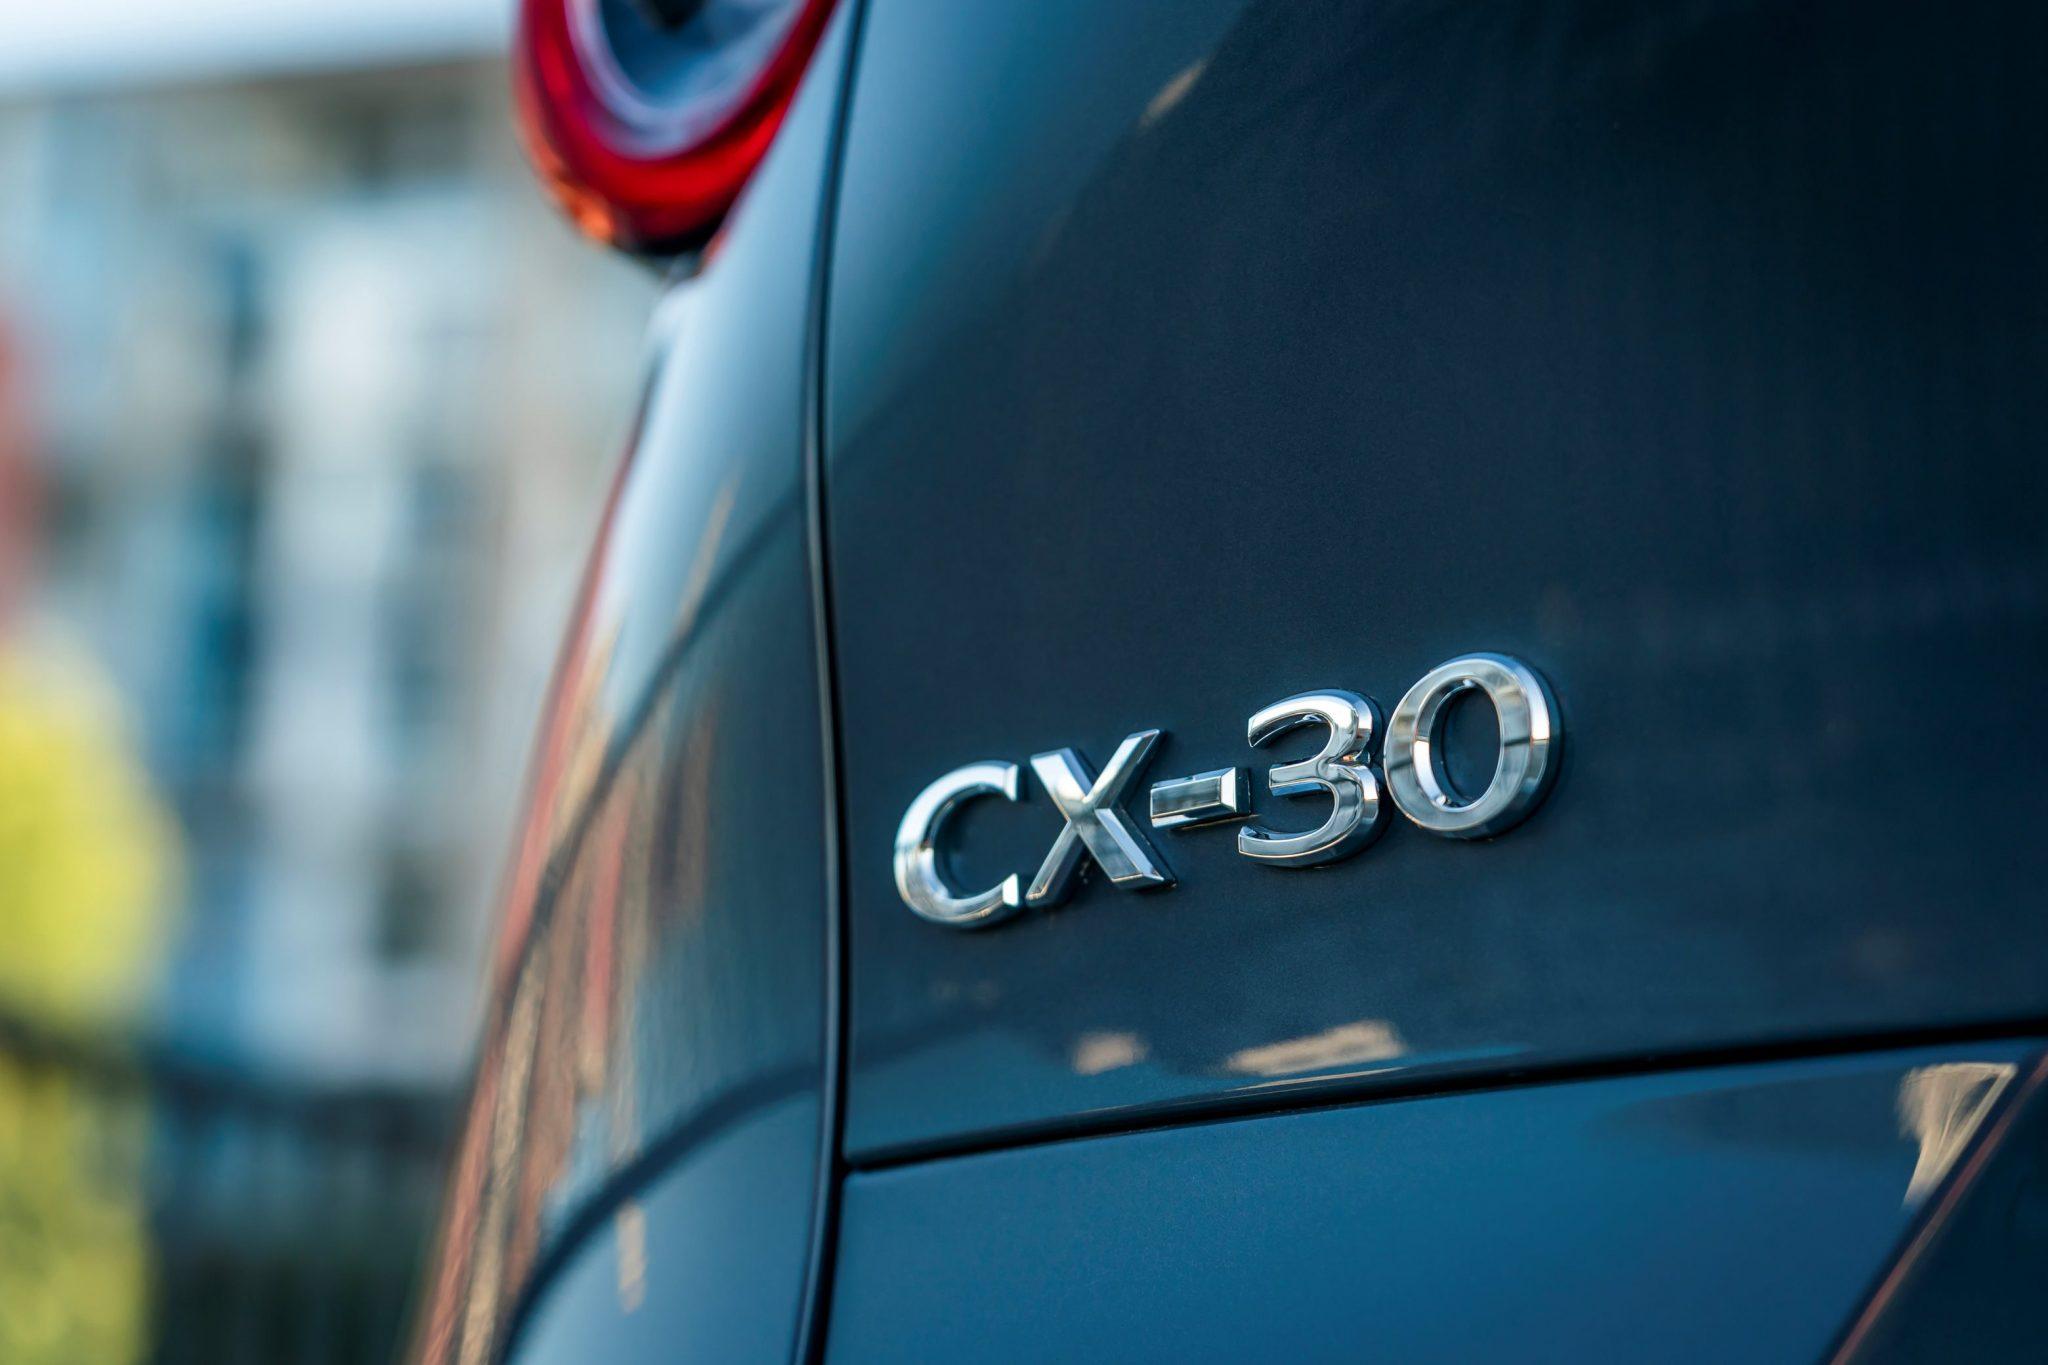 Mazda-CX-30 logo